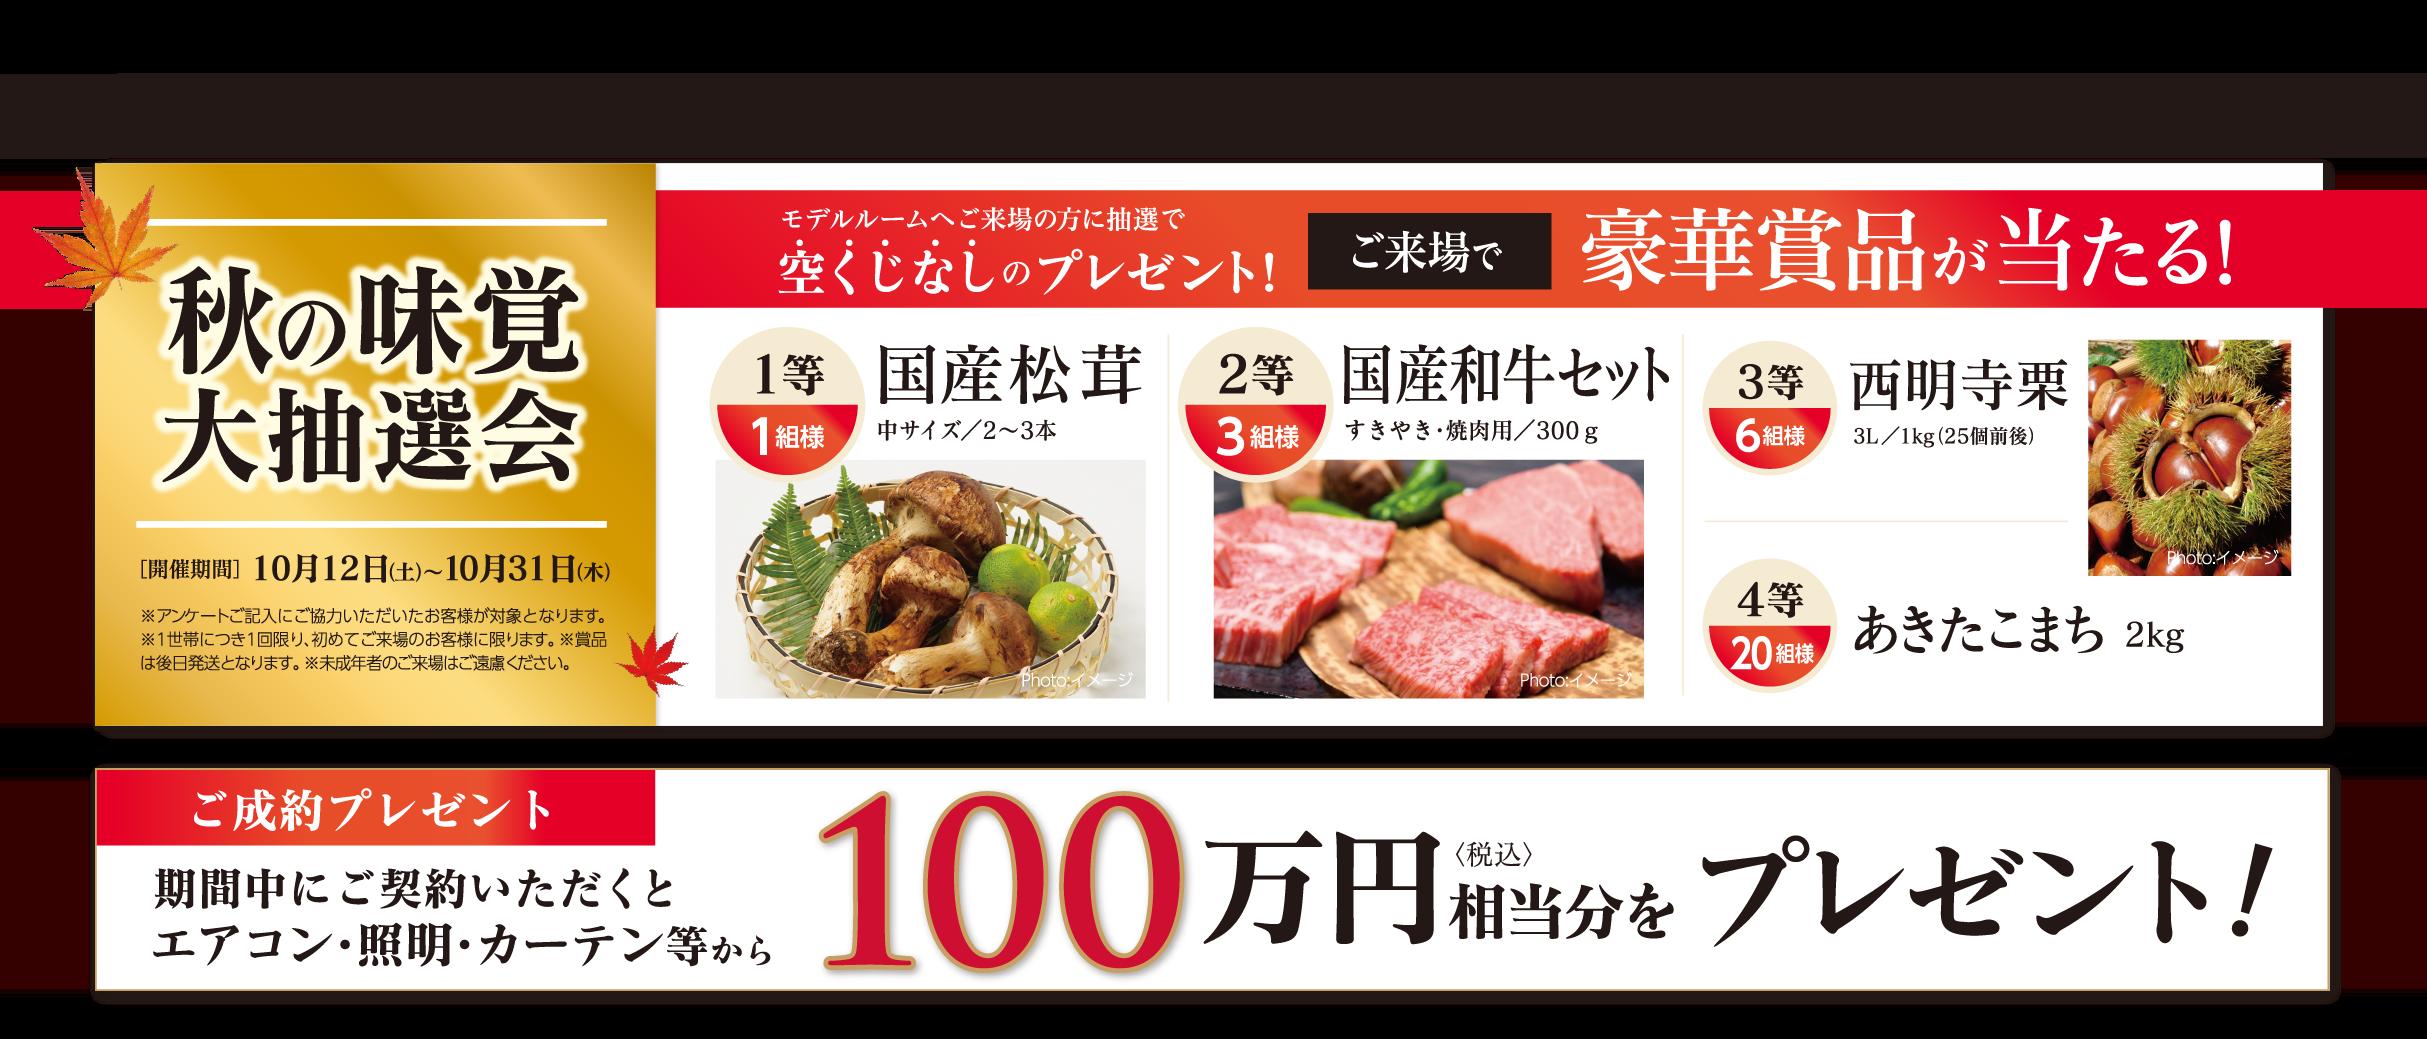 オータムキャンペーン第1弾 秋の味覚大抽選会(10月12日~           10月31日)